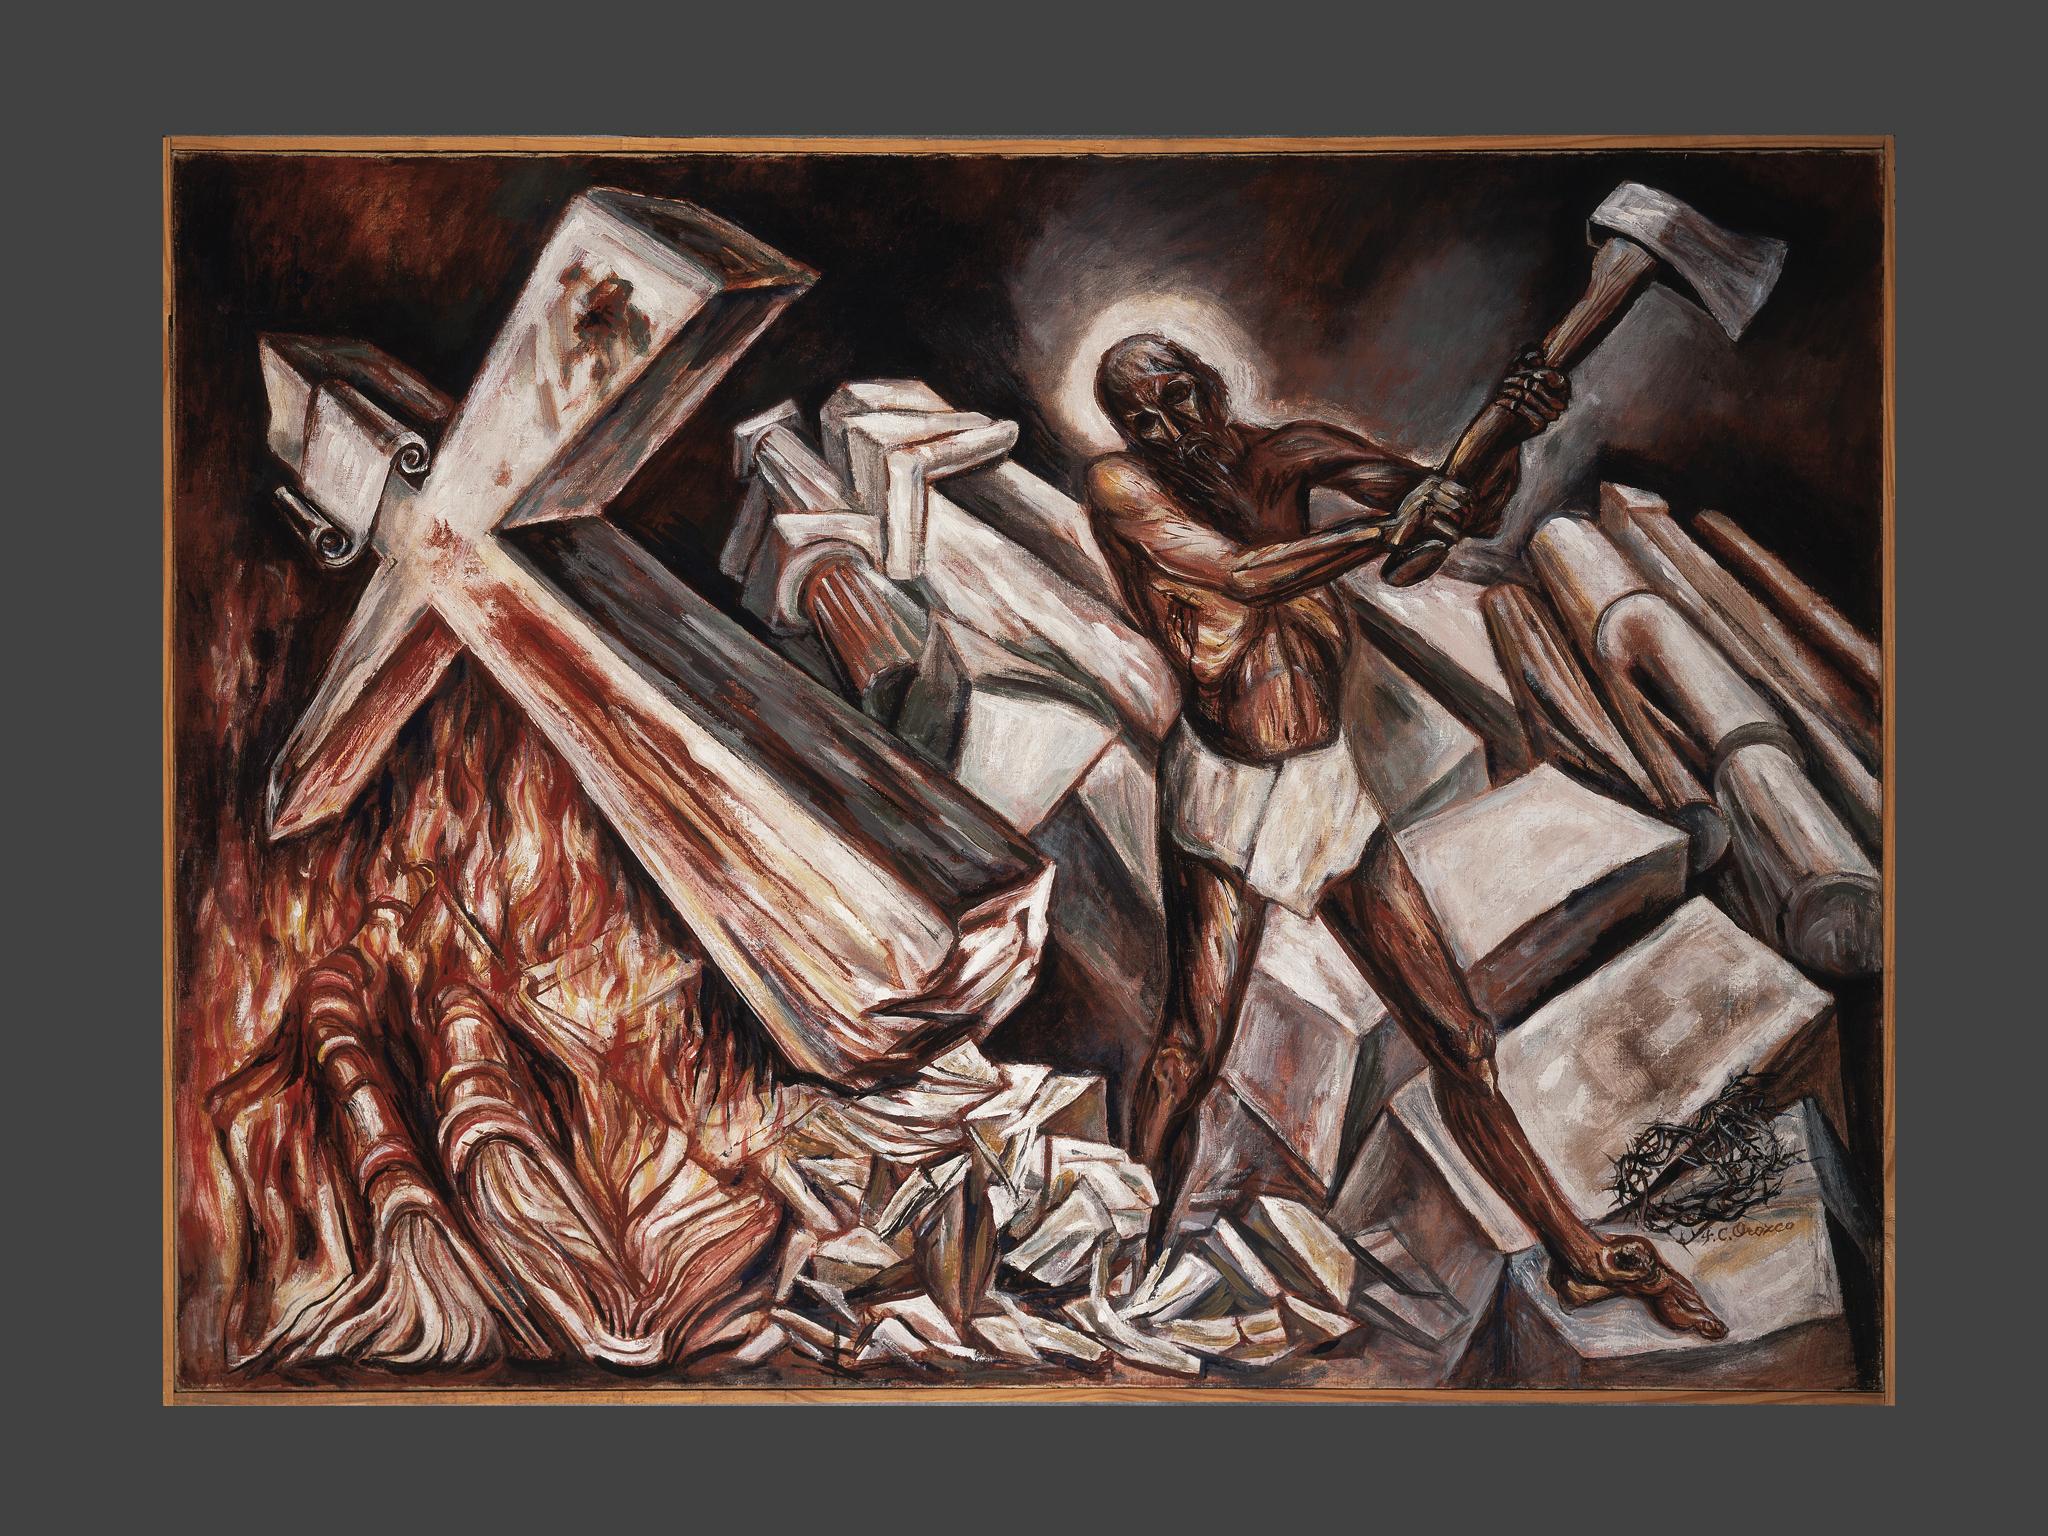 PINTURA DEL MES: Cristo destruye su cruz (1943), Orozco